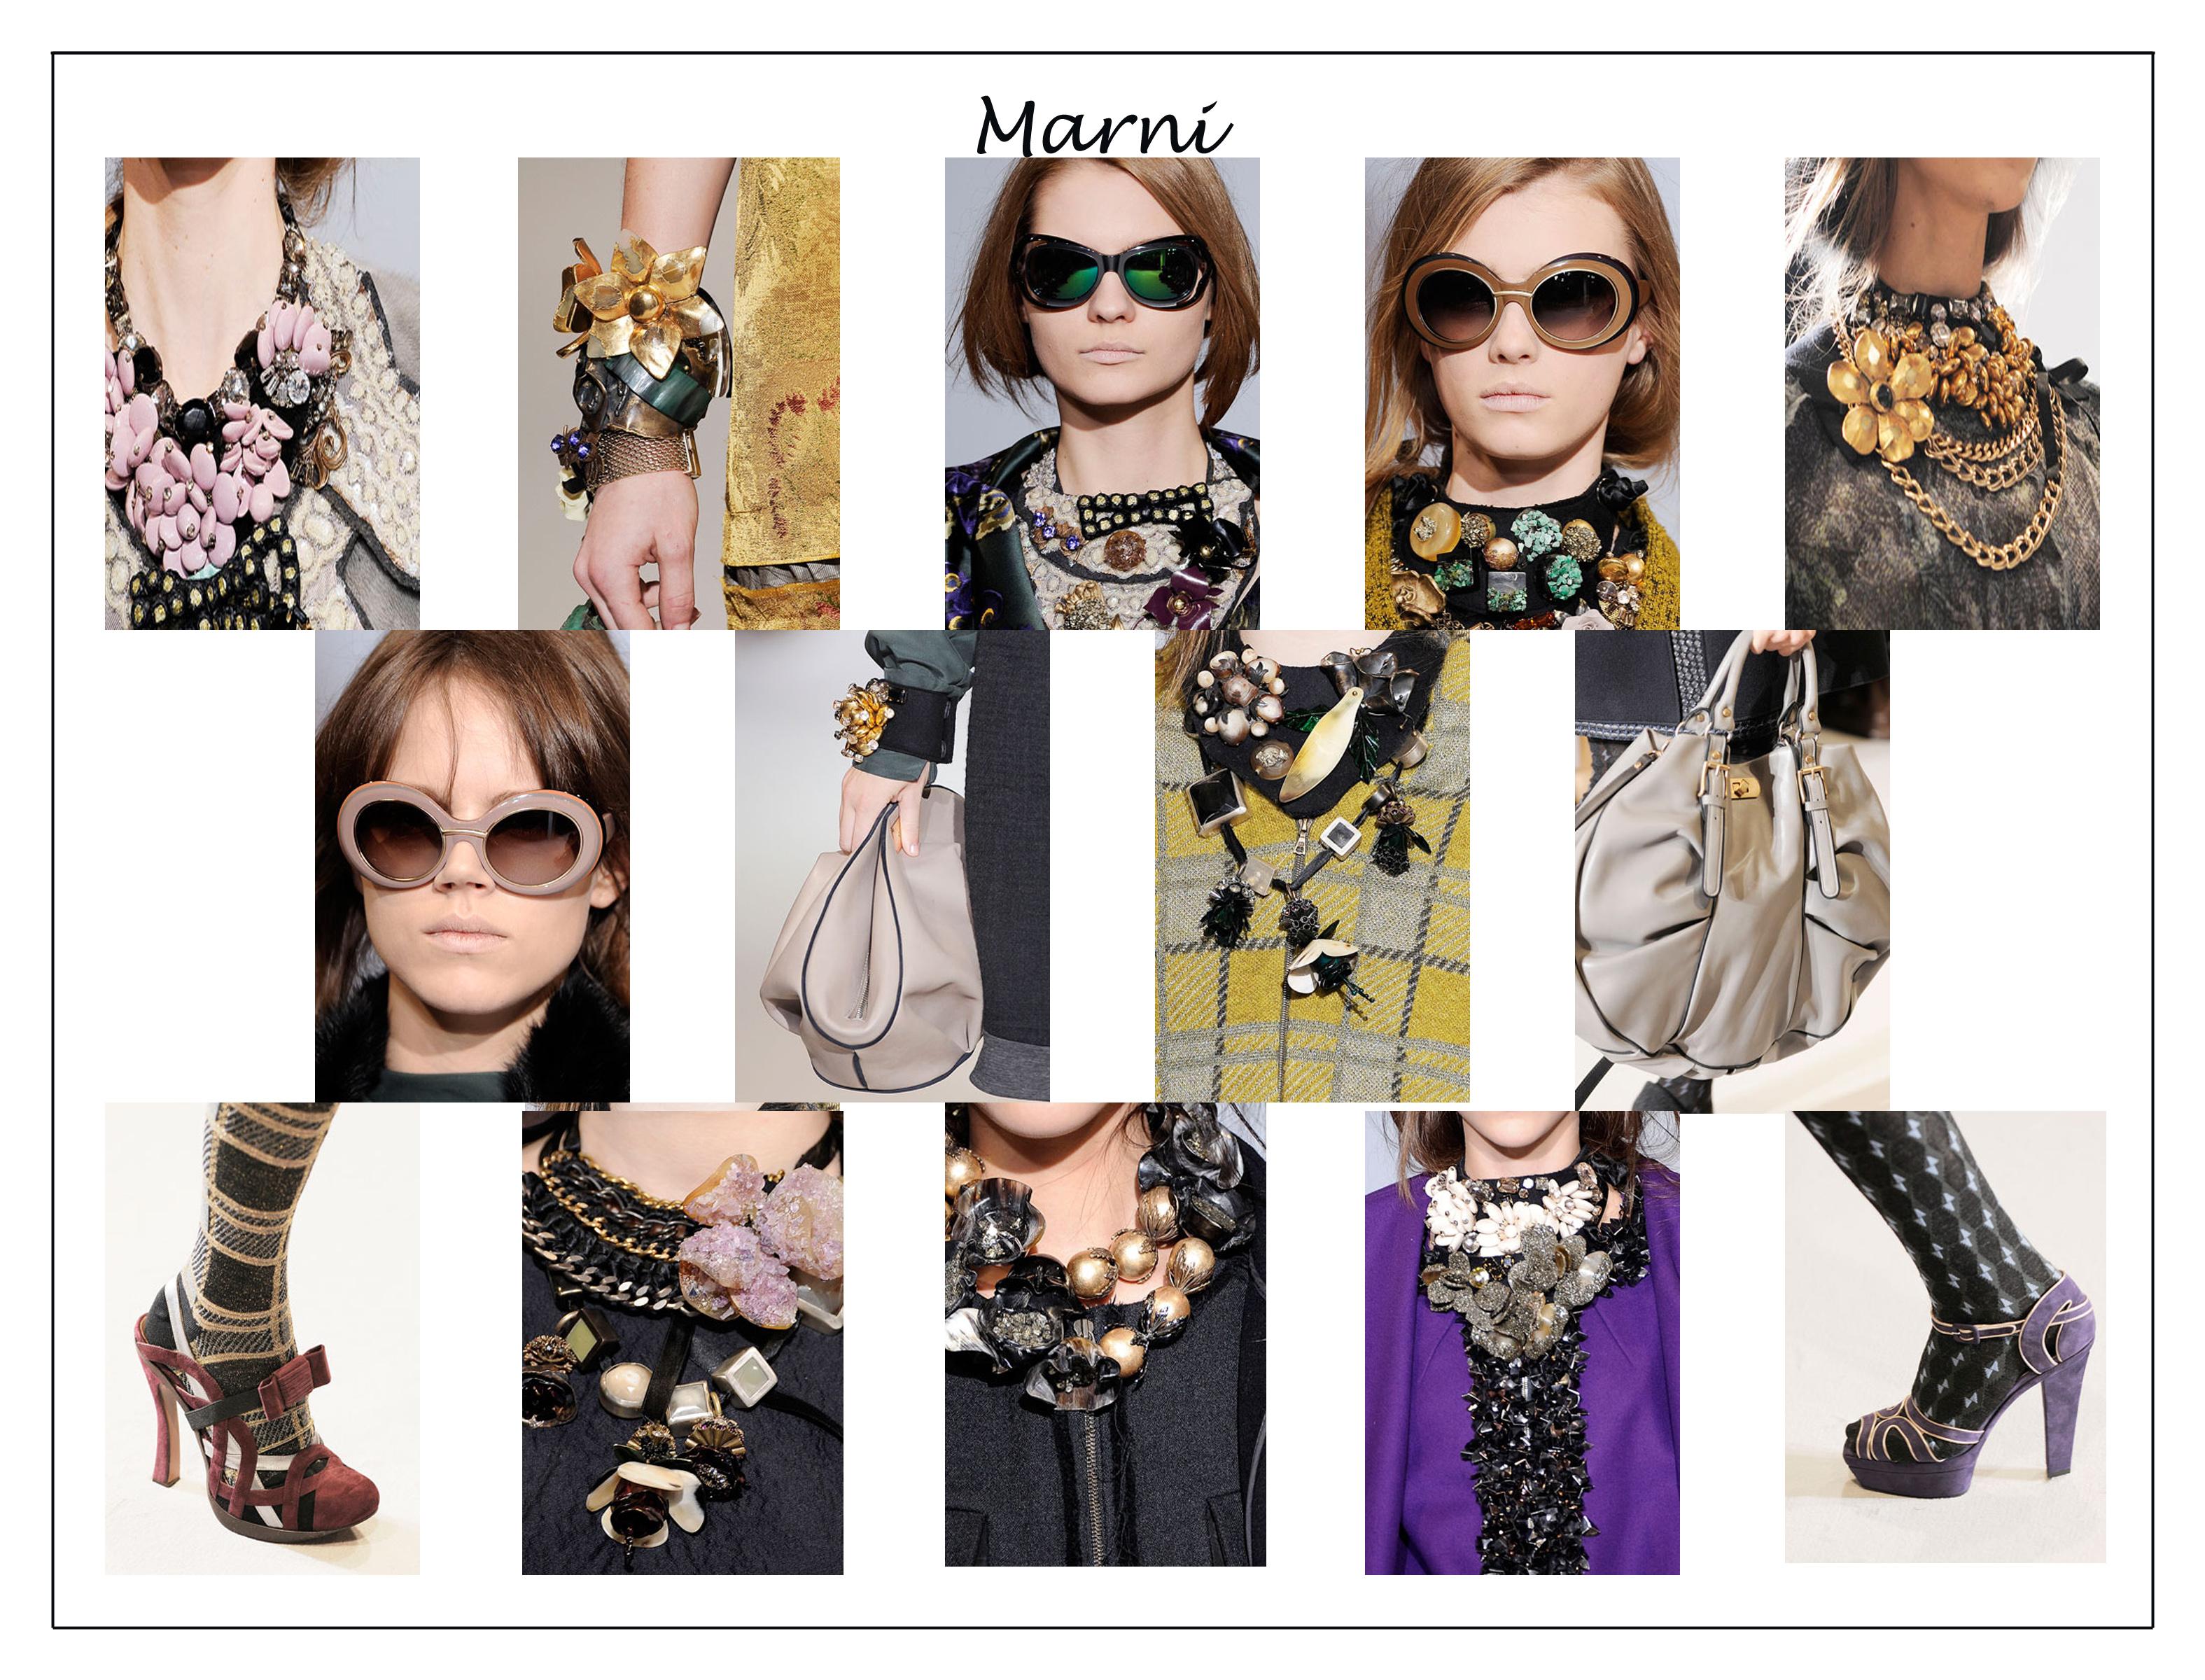 marni accessories